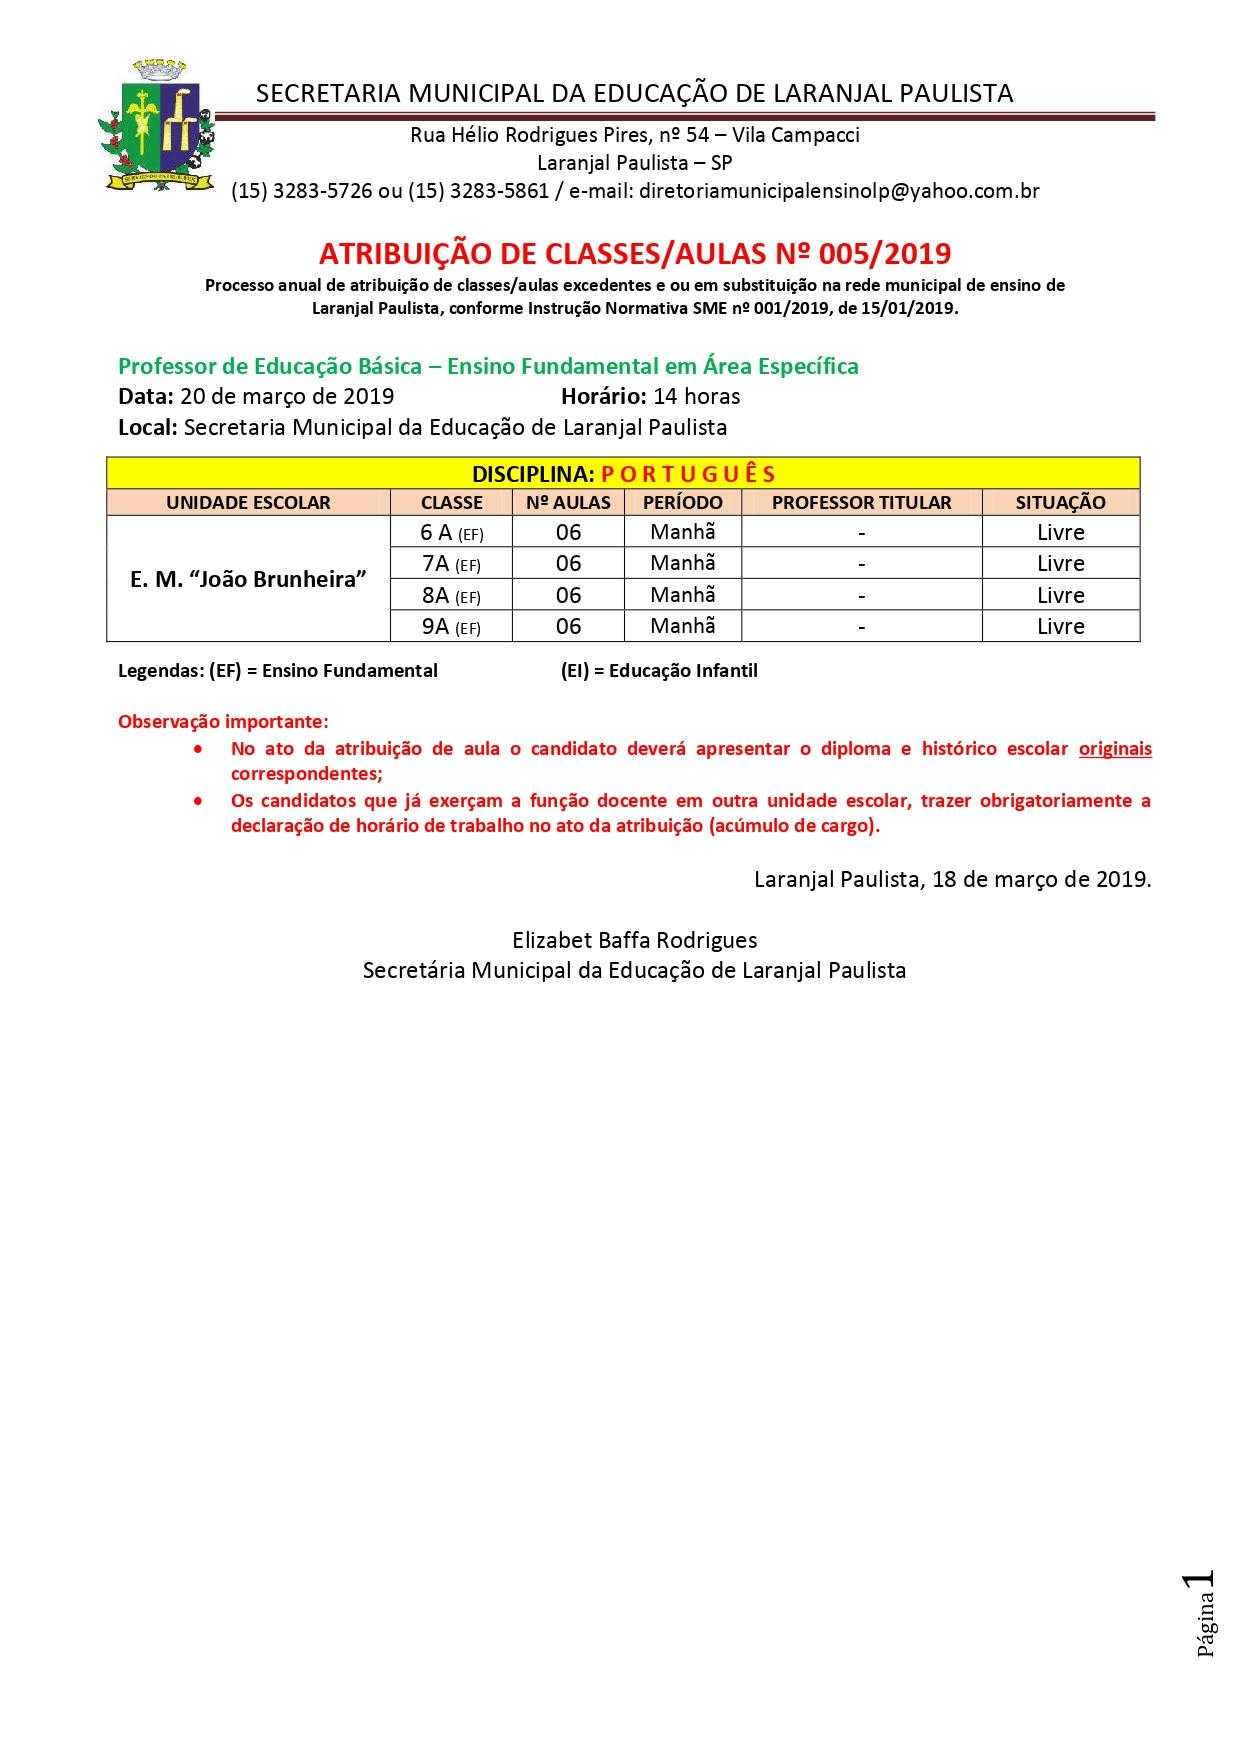 Atribuição de classes e ou aulas excedentes nº 005-2019